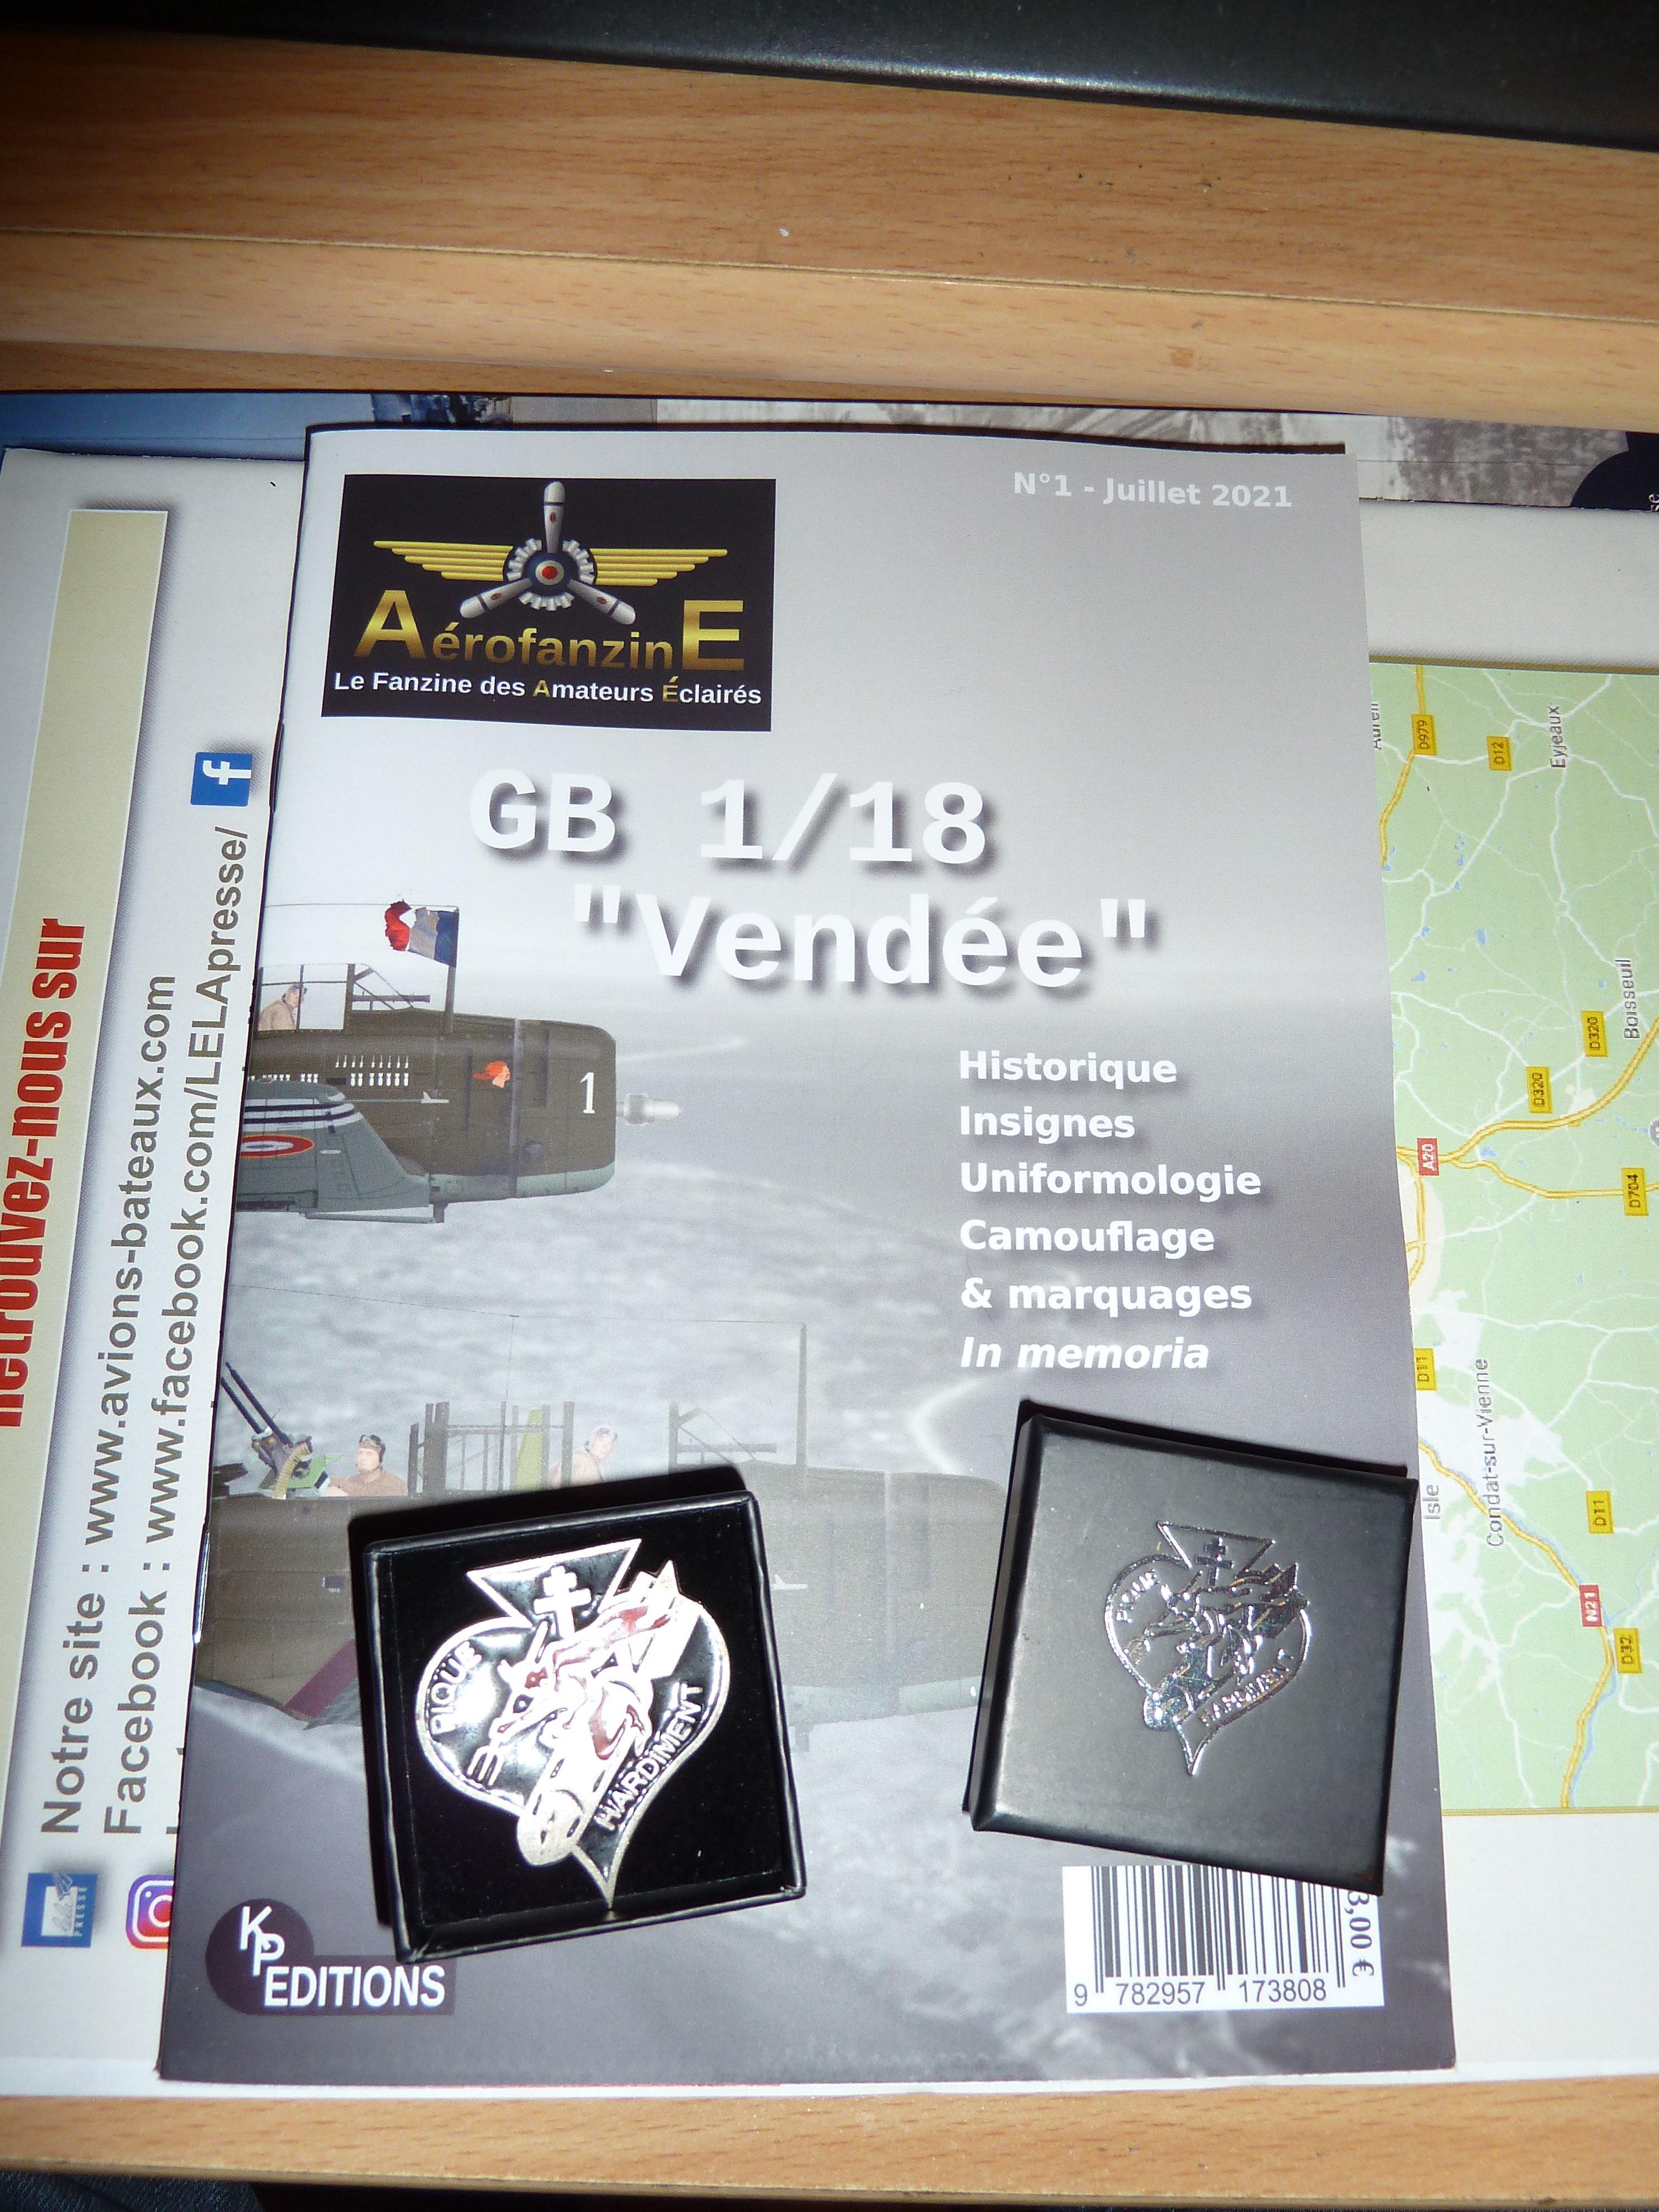 GB 1/18 Vendée Insignia